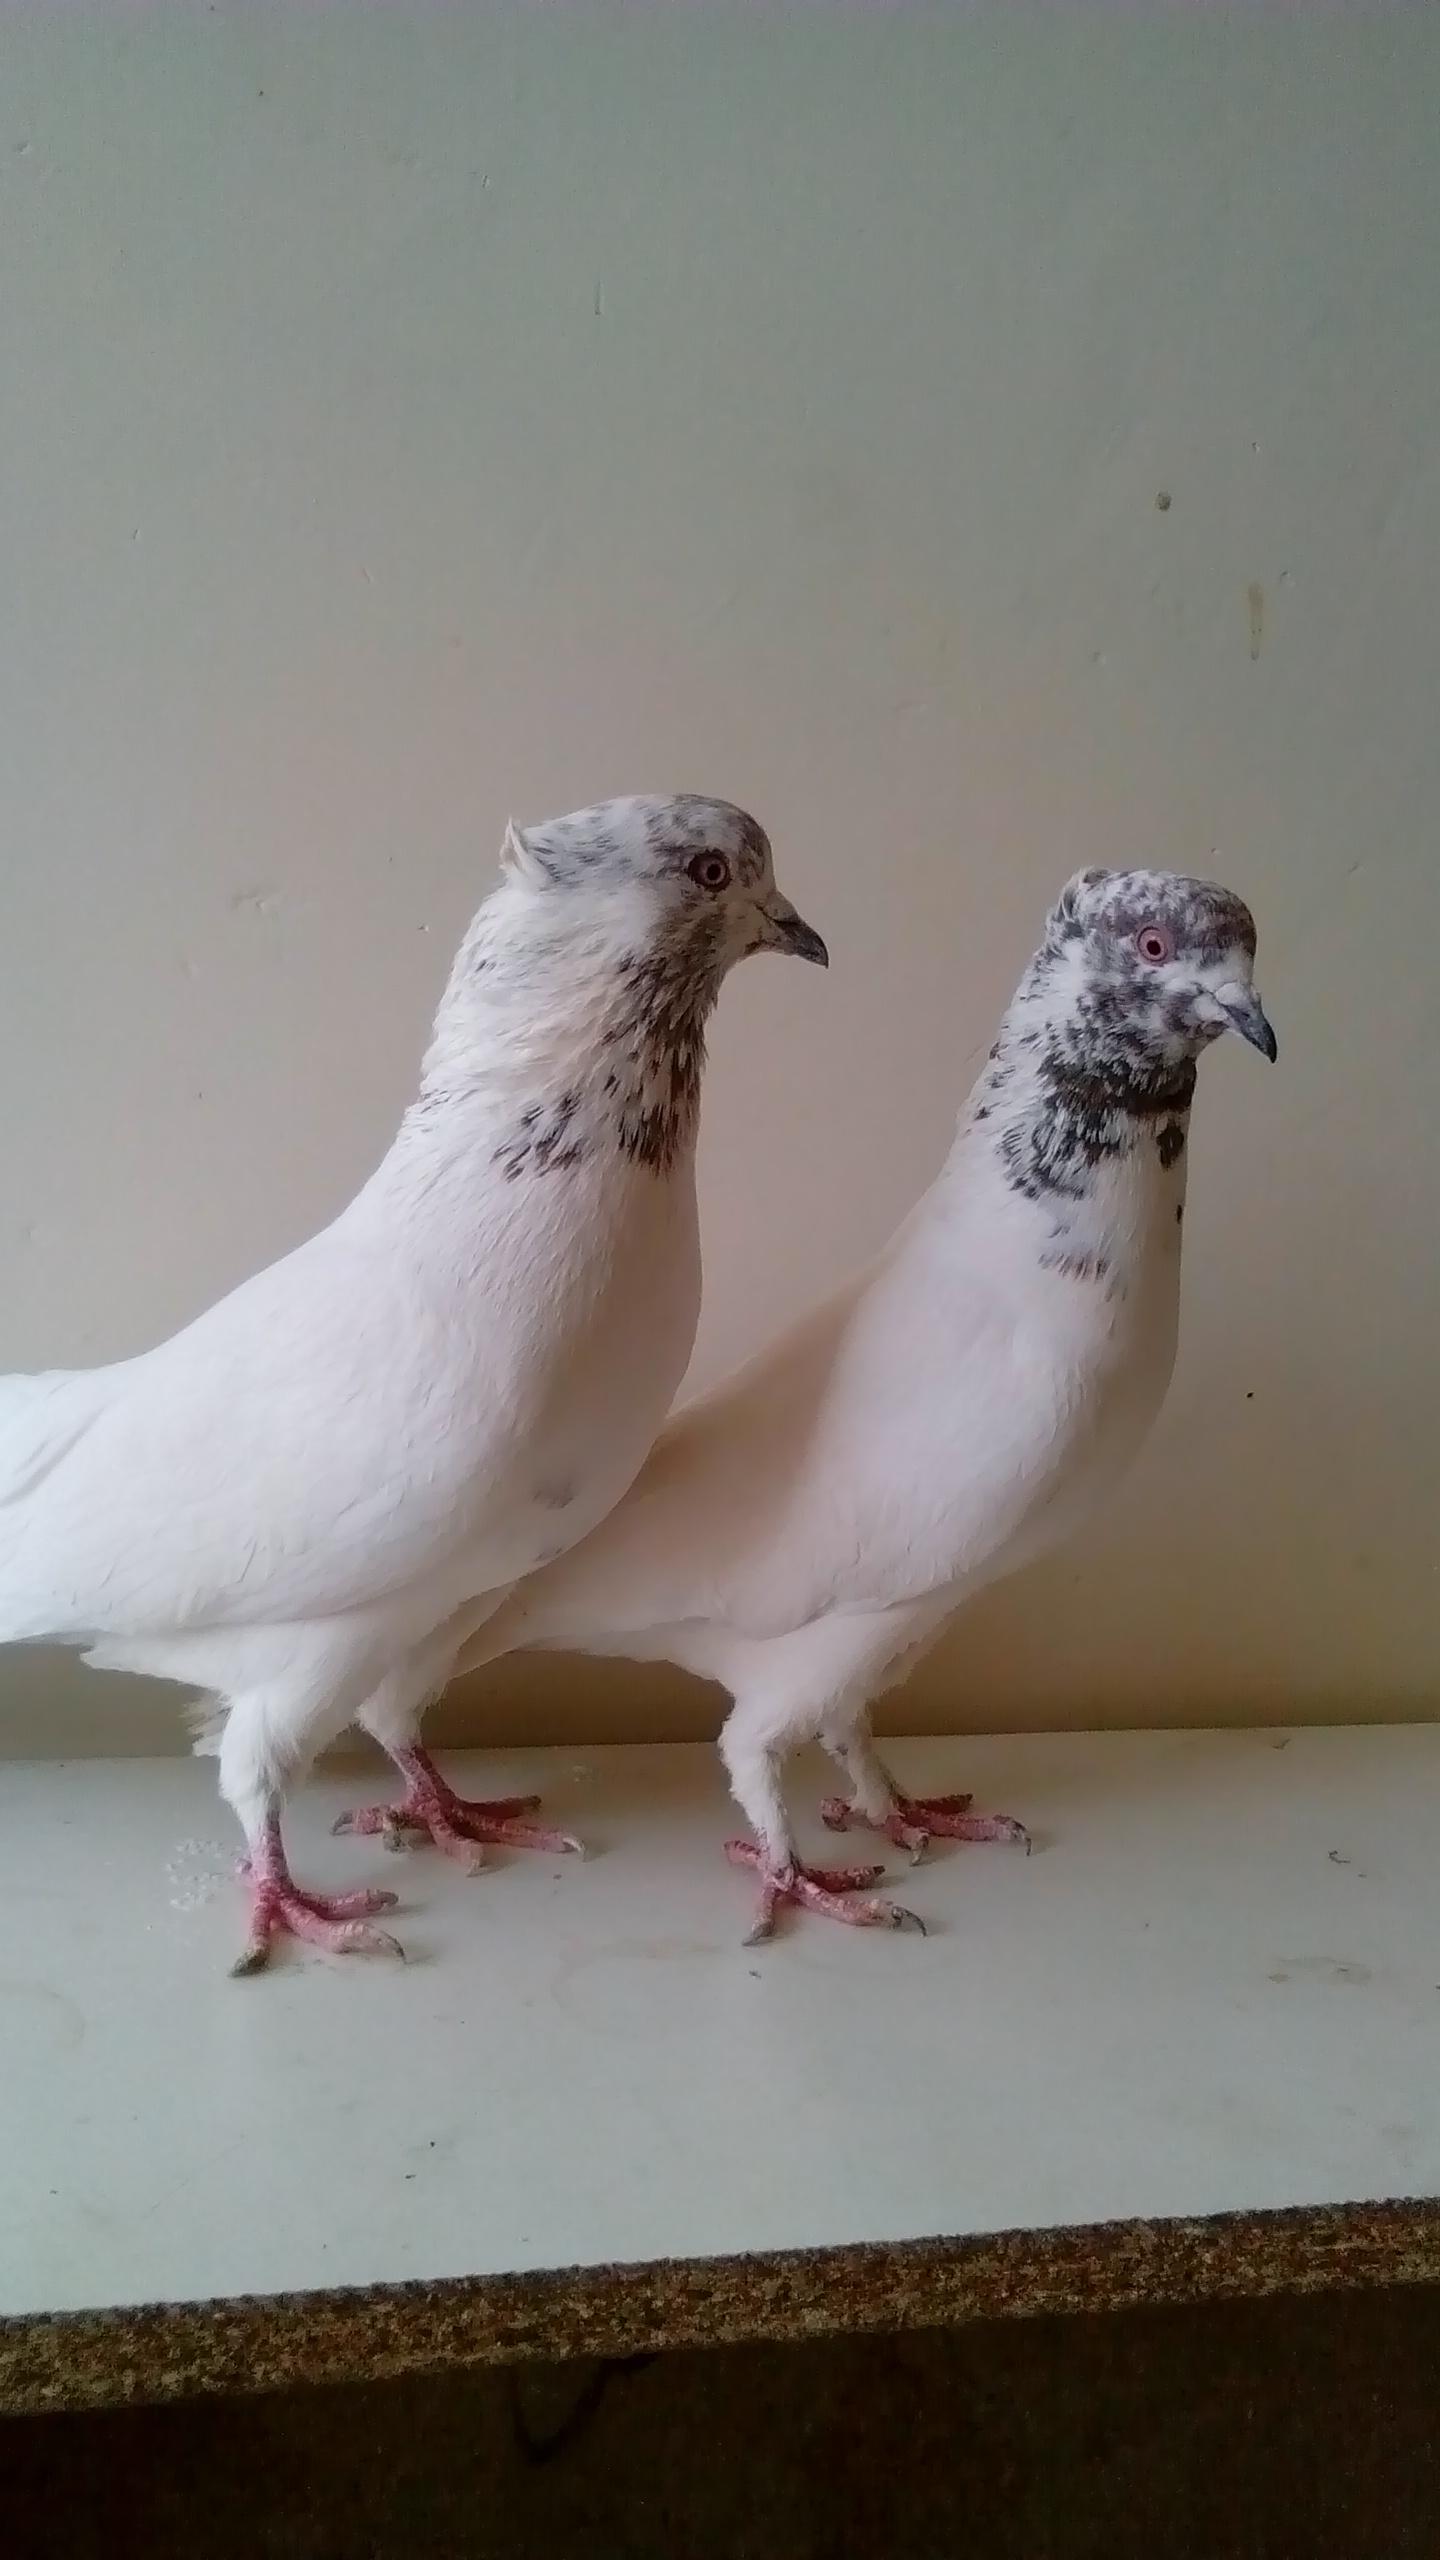 کبوتر سبز کبوتر پلاکی اصل | کبوتر پلاکی اصل | گالری عکس ویژه ترین ...